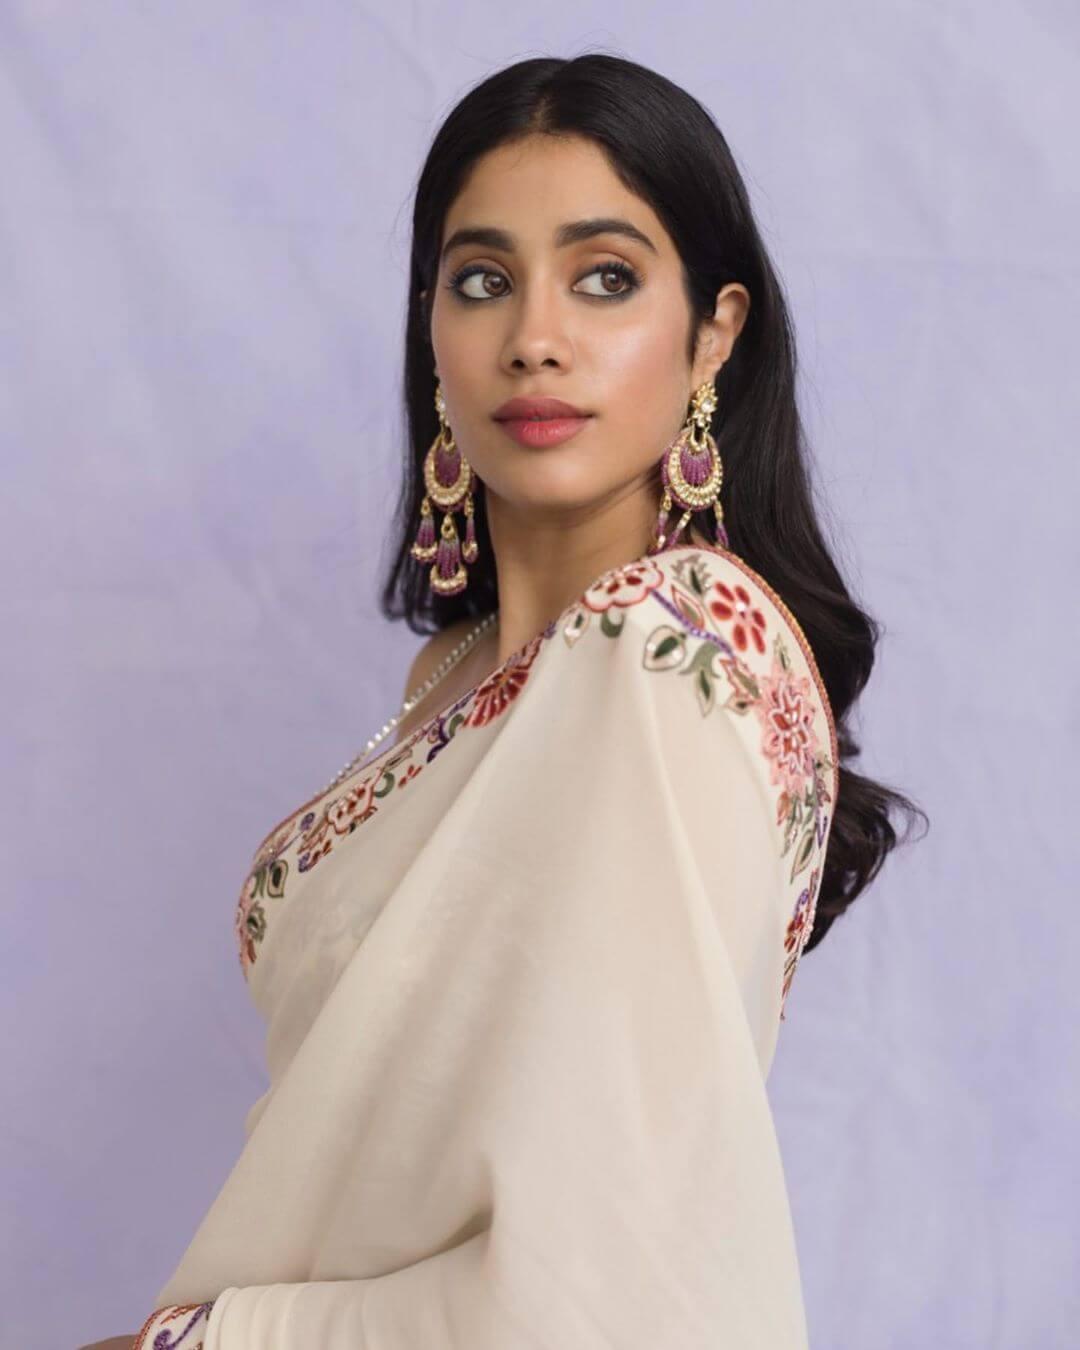 The chandelier gold and polki earringsDangler ruby traditional earrings Janhvi Kapoor's earrings